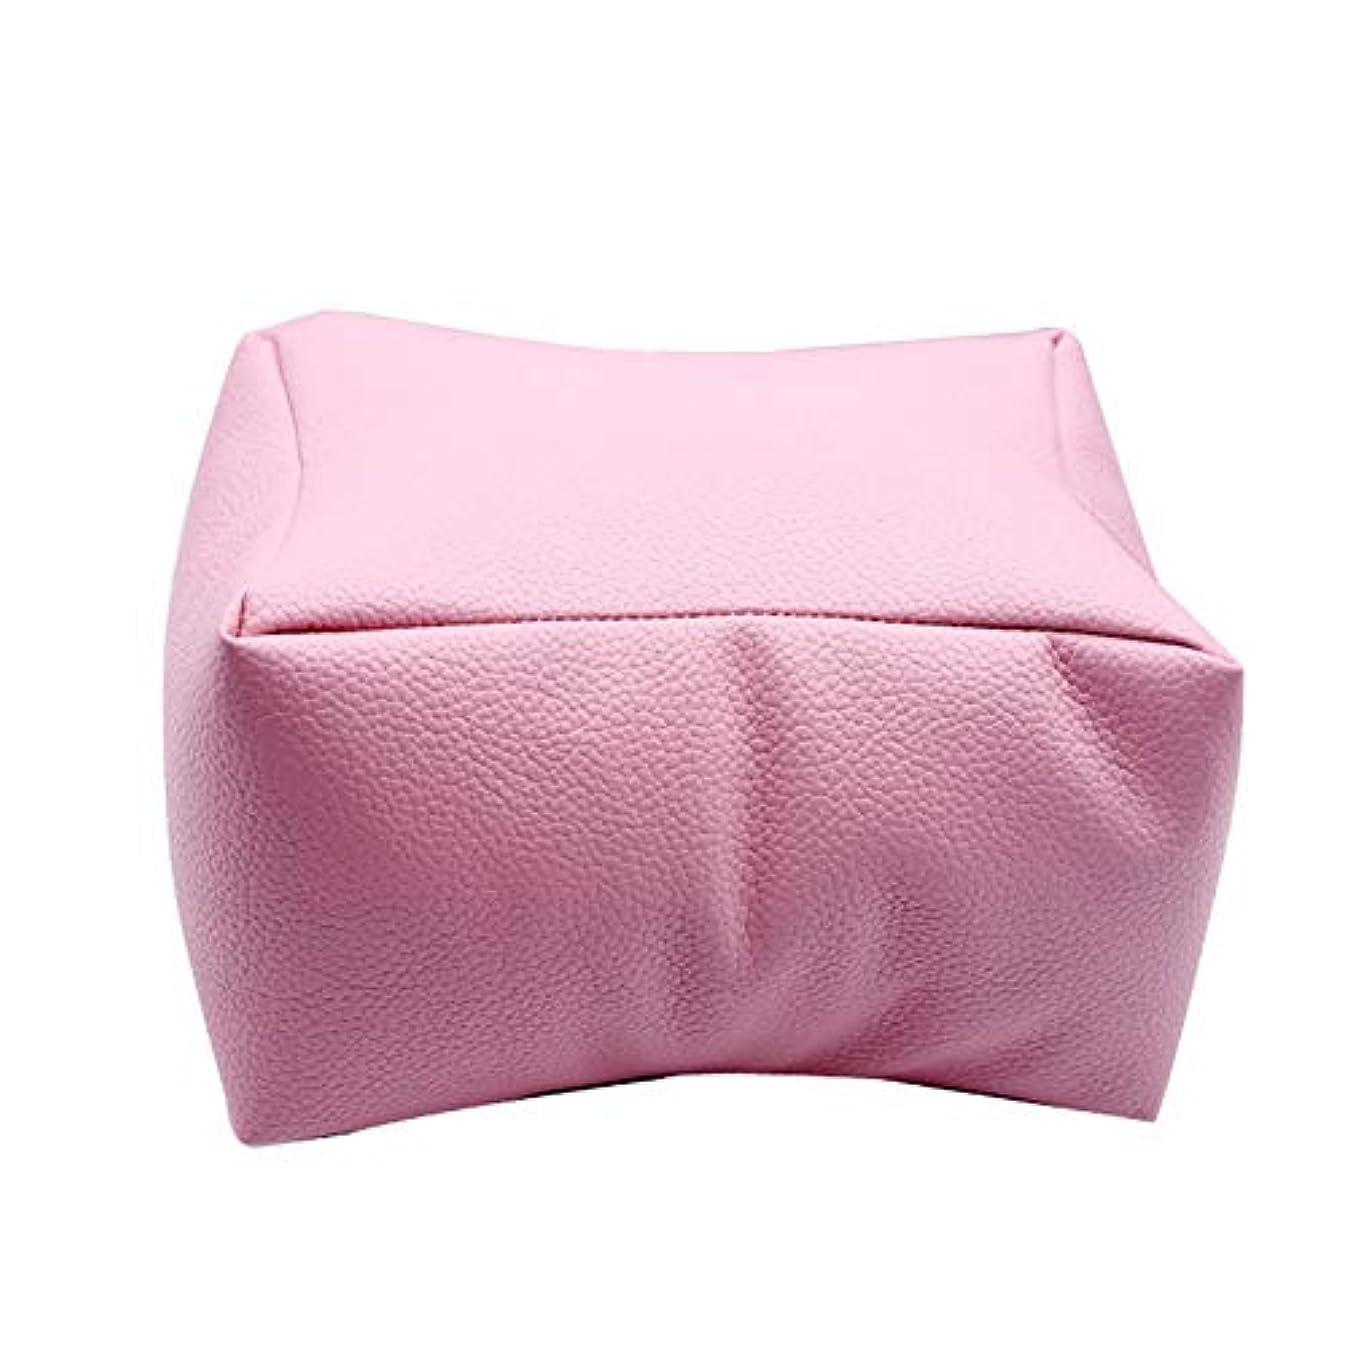 アーティスト観客飛躍MAYouth ネイルアートDIYマニキュアケアハンドアームレスト枕快適なPUレザー枕